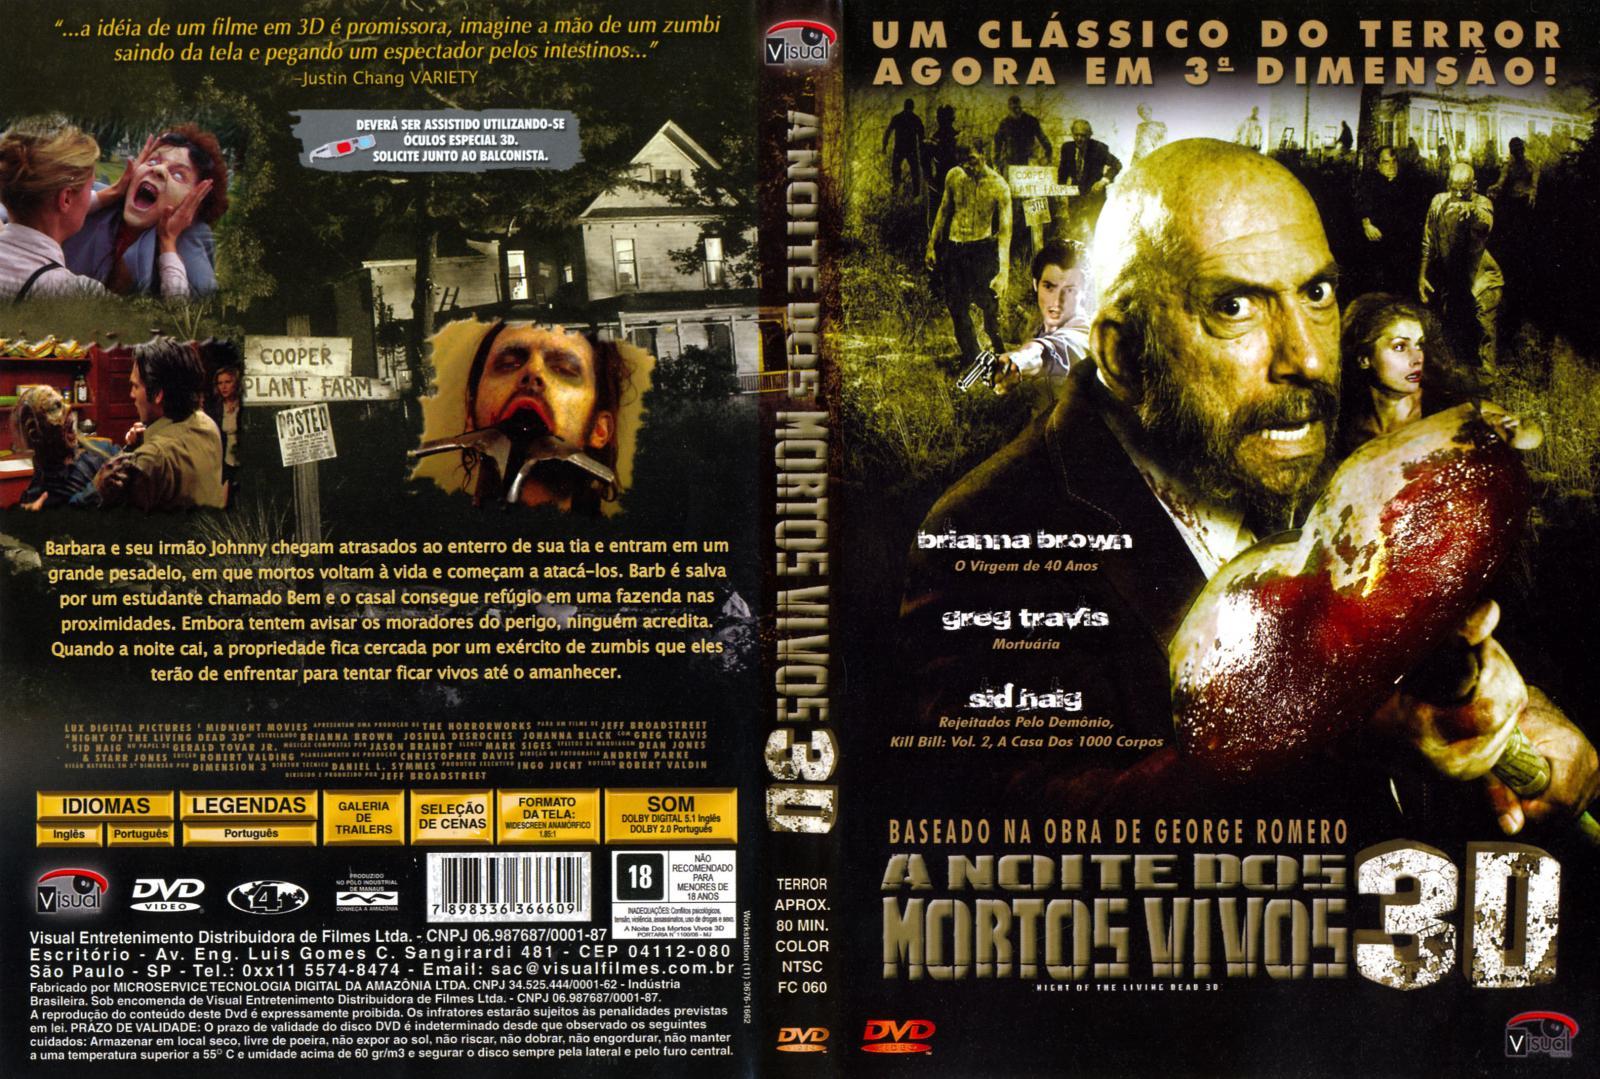 Filme Mortos Vivos intended for a noite dos mortos vivos 3d (2006) oficial | gigante das capas